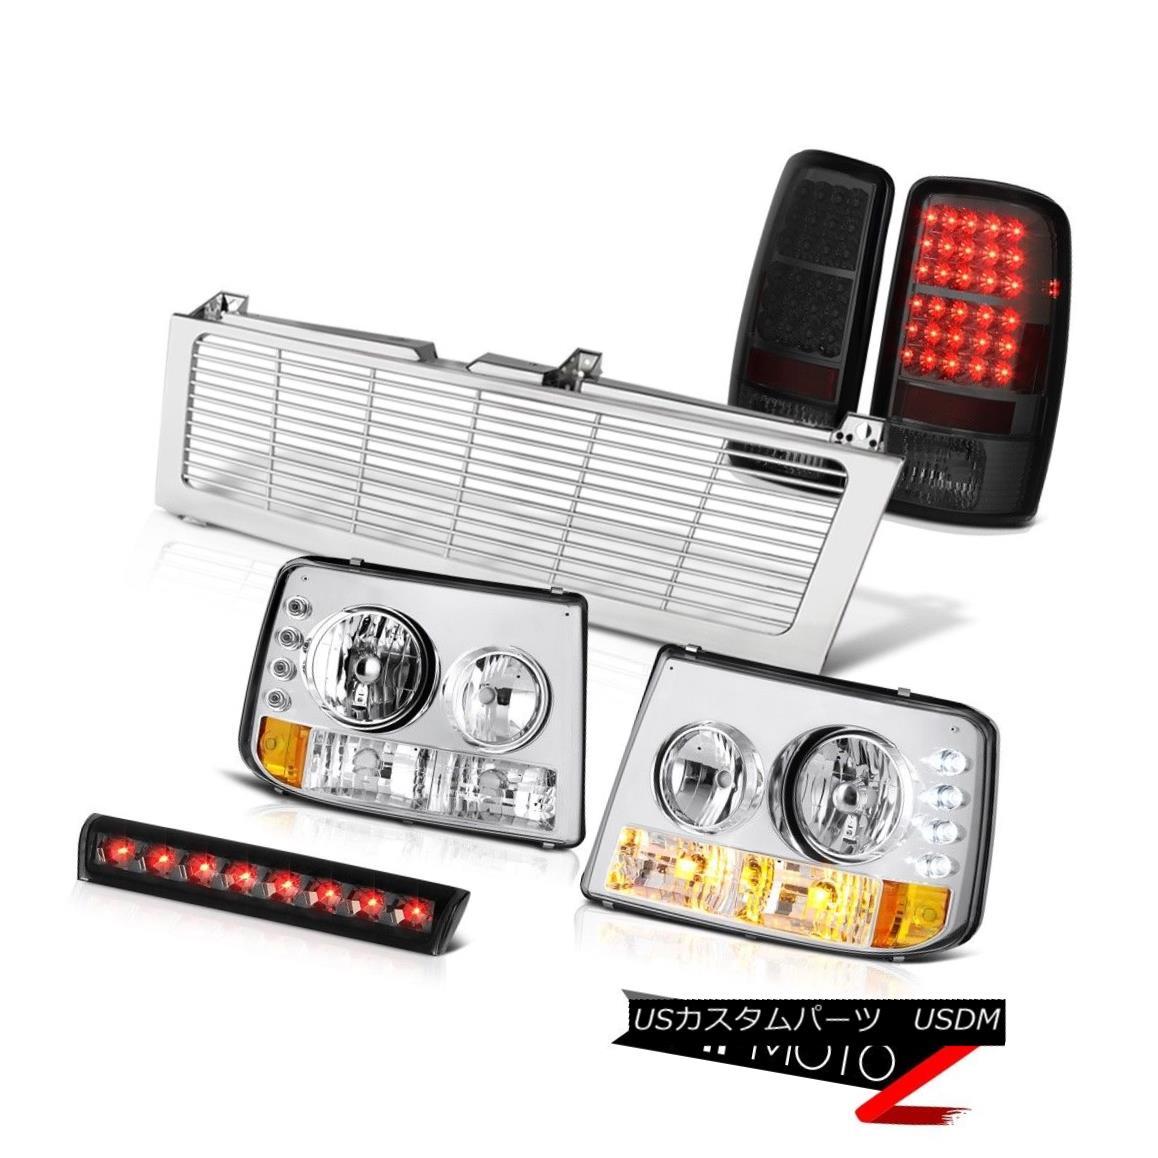 テールライト 2000-2006 Chevy Suburban Headlight L.E.D Taillamps Smoke Third Brake LED Grille 2000-2006シボレー郊外ヘッドライトL.E.DタイルランプスモークサードブレーキLEDグリル